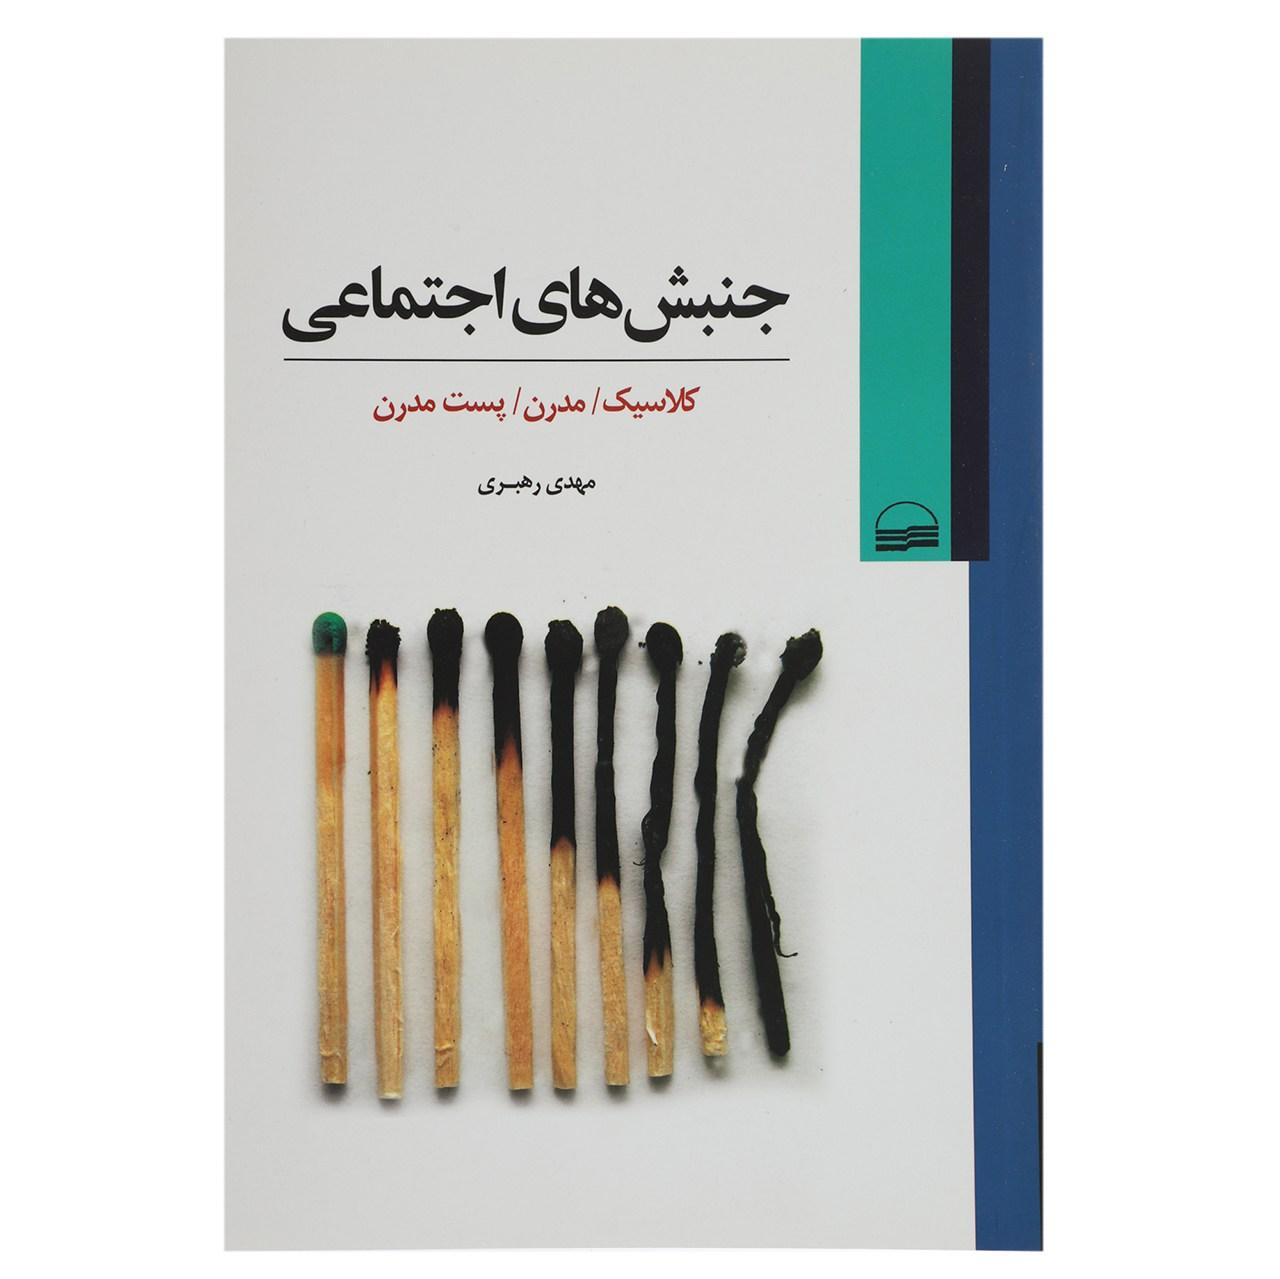 کتاب جنبش های اجتماعی اثر مهدی رهبری